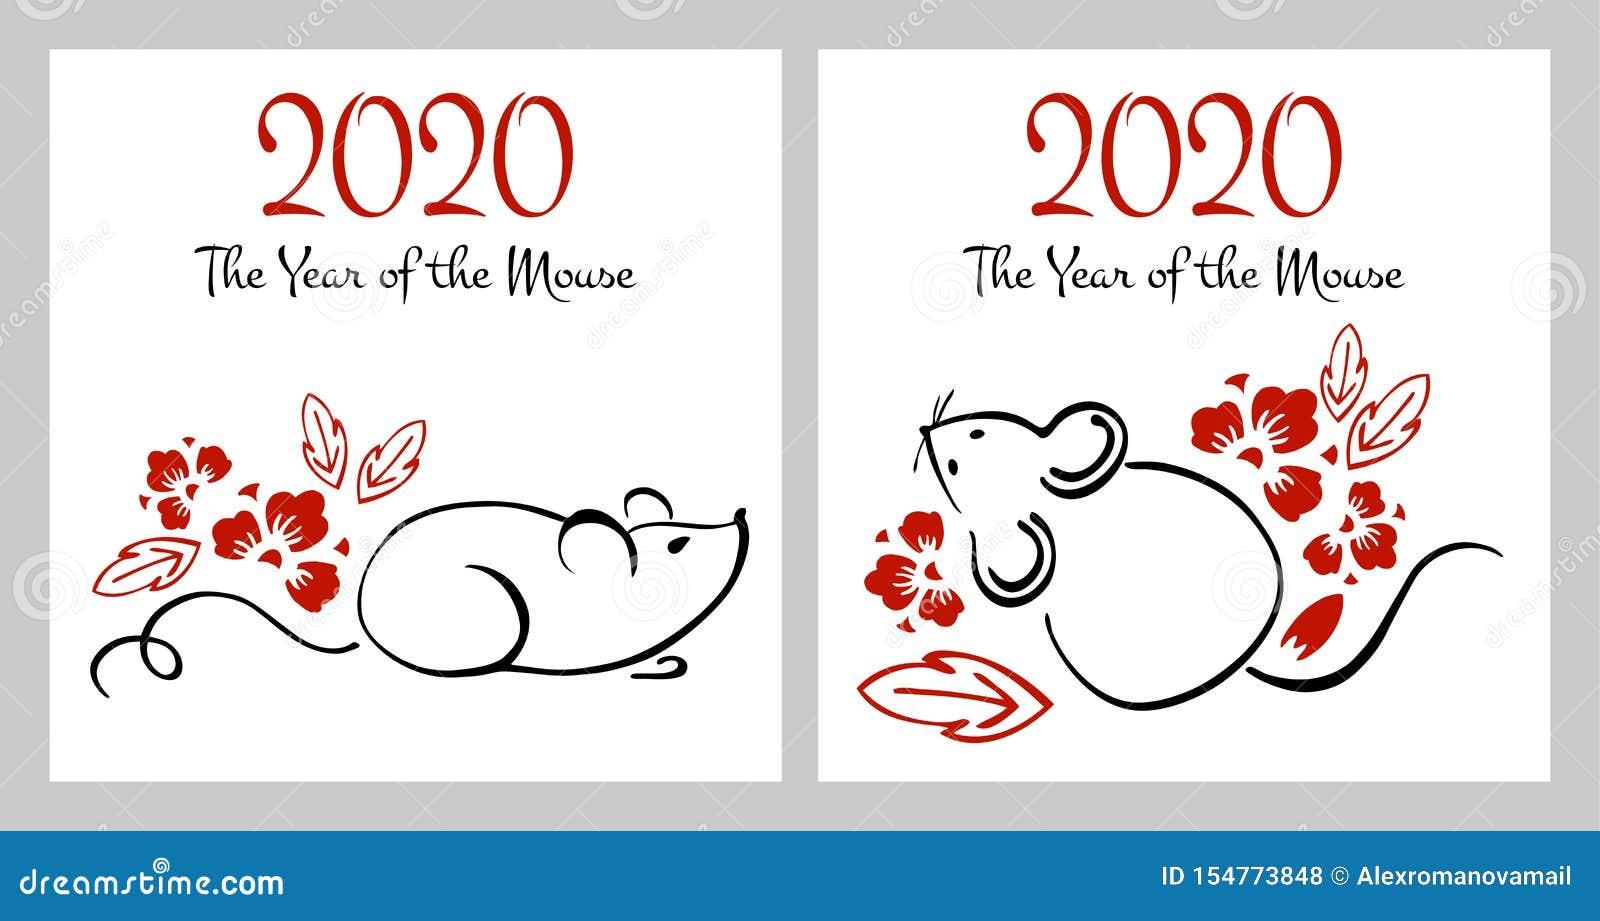 chinese new year 2020 - photo #9